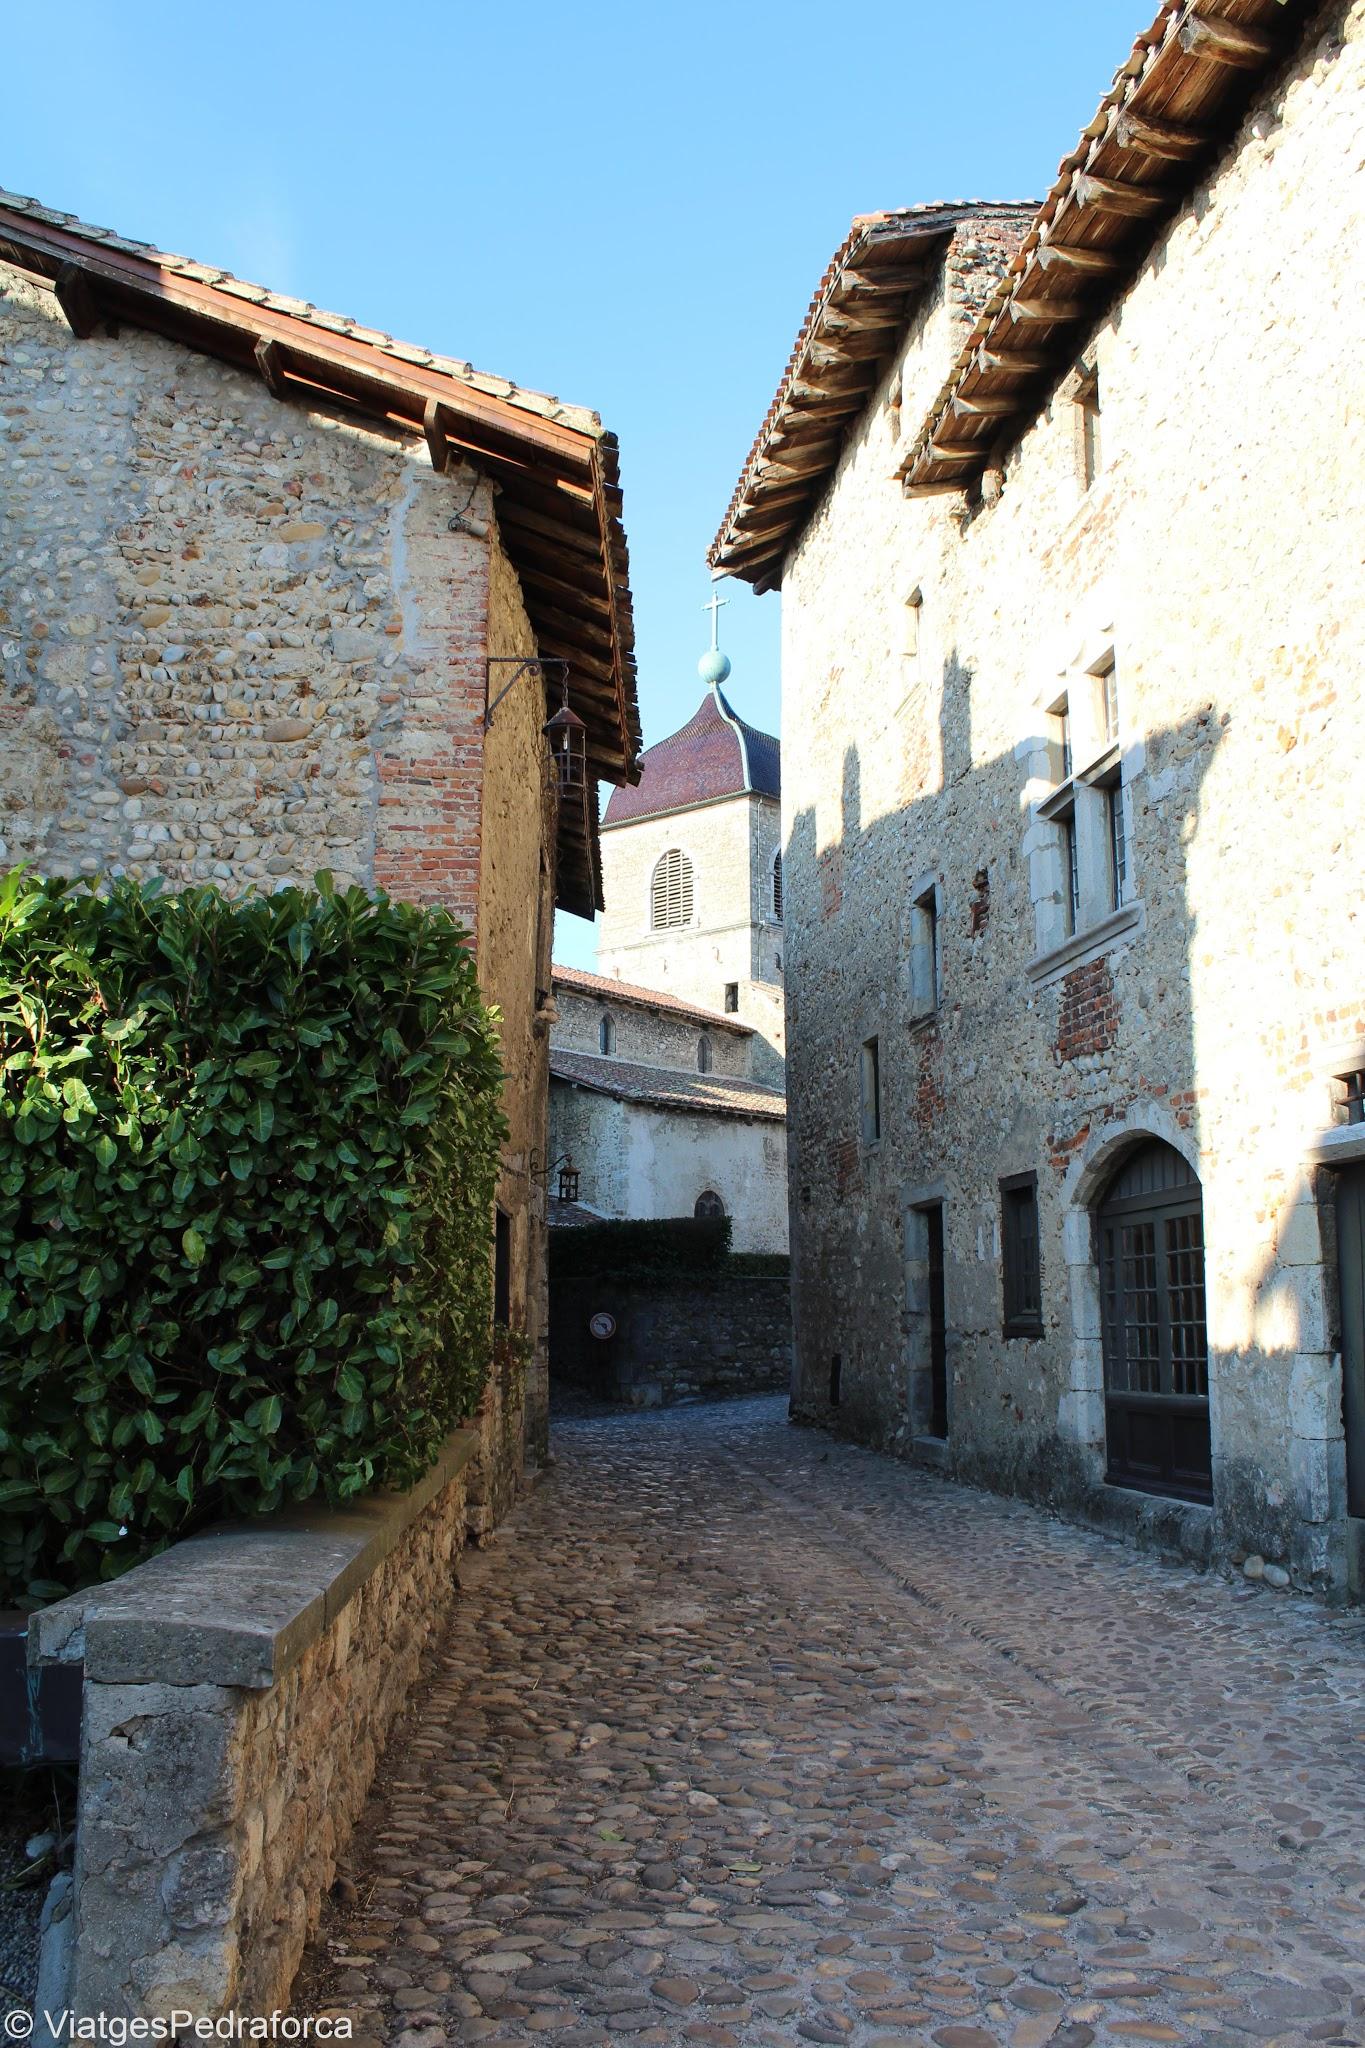 Cité médiévale de Pérouges, Ain, Rhône-Alpes, França